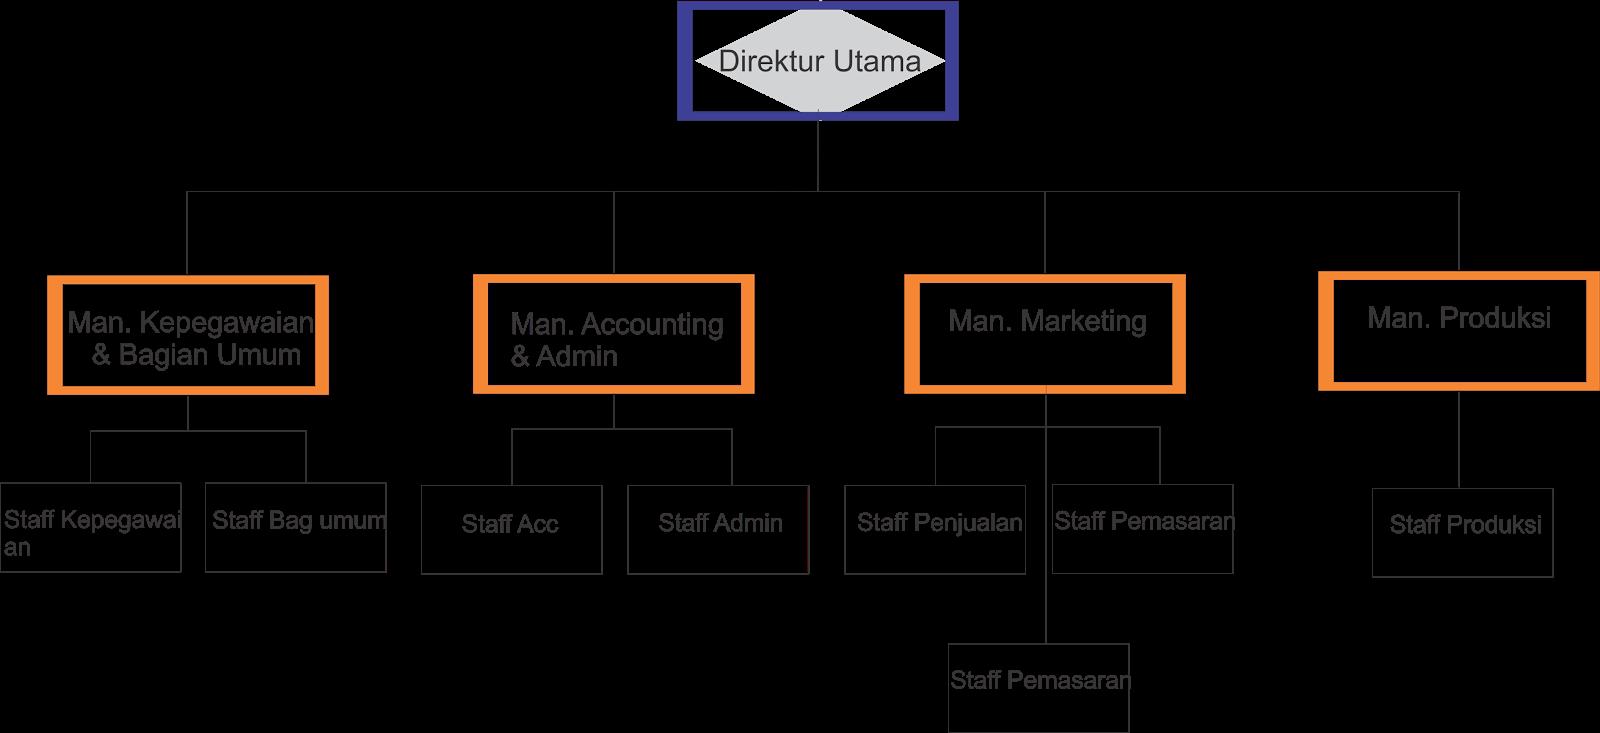 struktur organisasi perusahaan percetakan bangkit immortal Contoh Bagan Organisasi Perusahaan struktur organisasi perusahaan percetakan